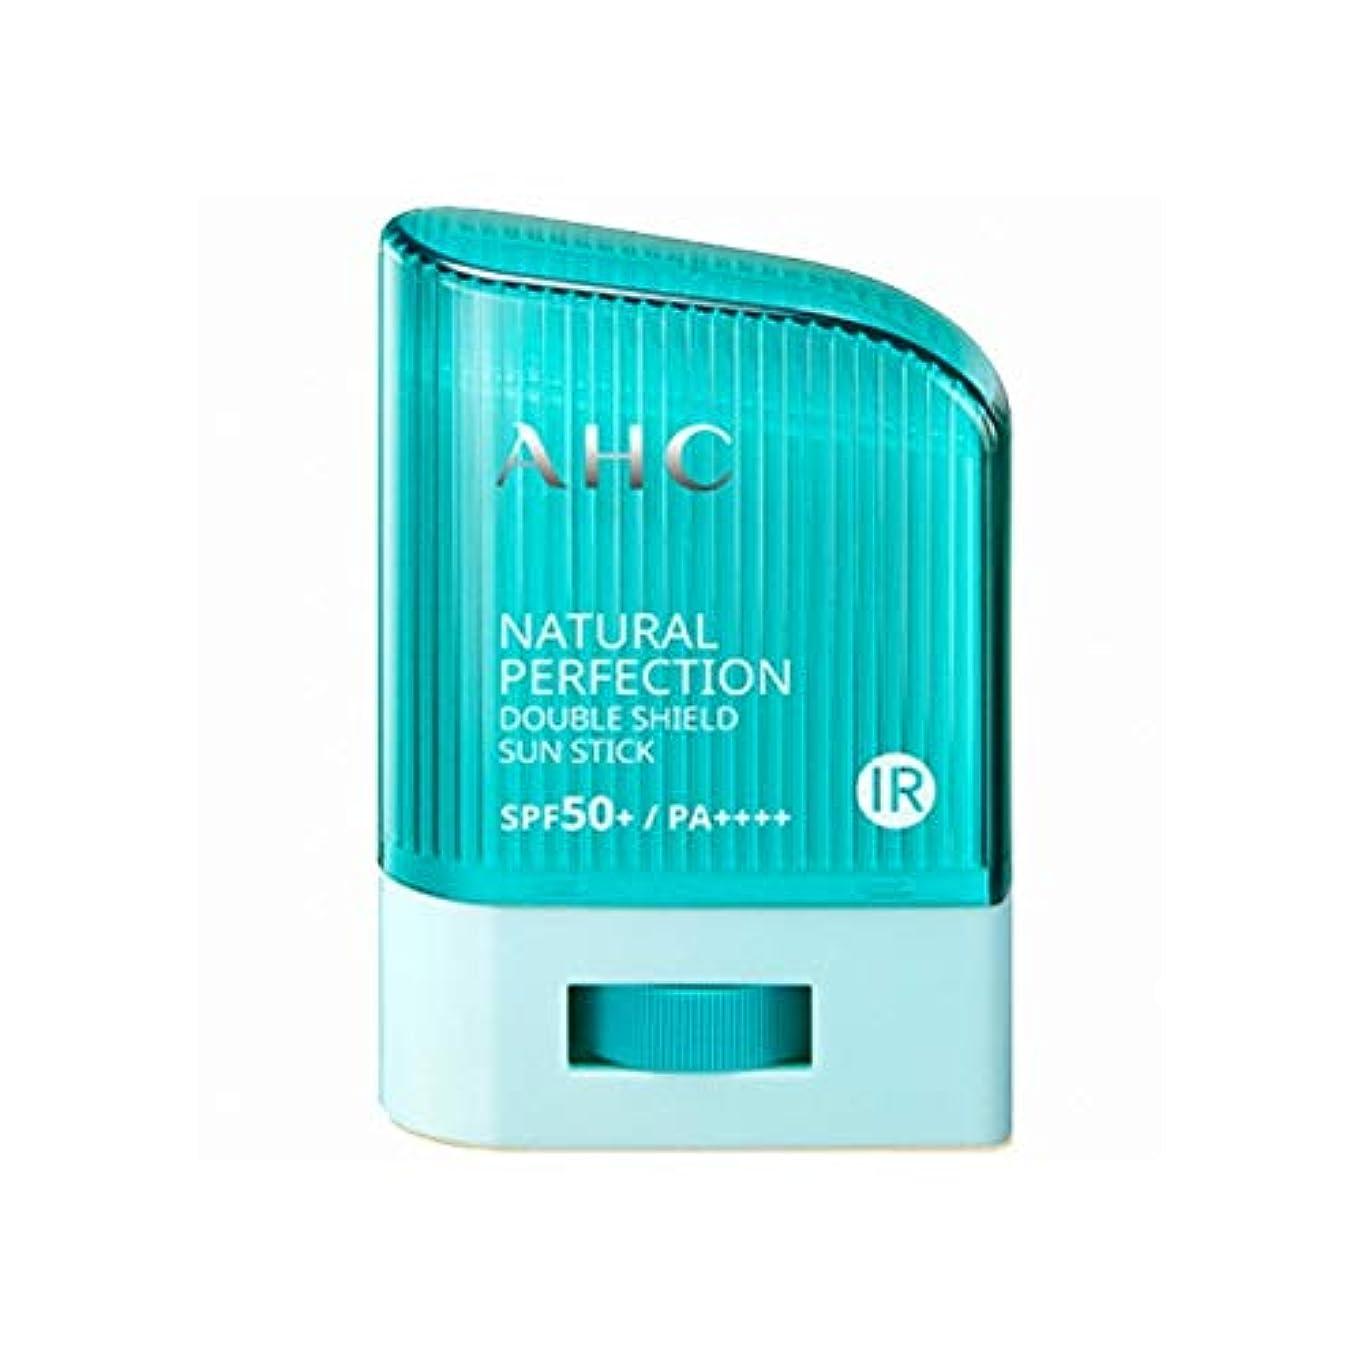 ボアドック期待するAHC ナチュラルパーフェクションダブルシールドサンスティック 14g, Natural Perfection Double Shield Sun Stick SPF50+ PA++++ A.H.C